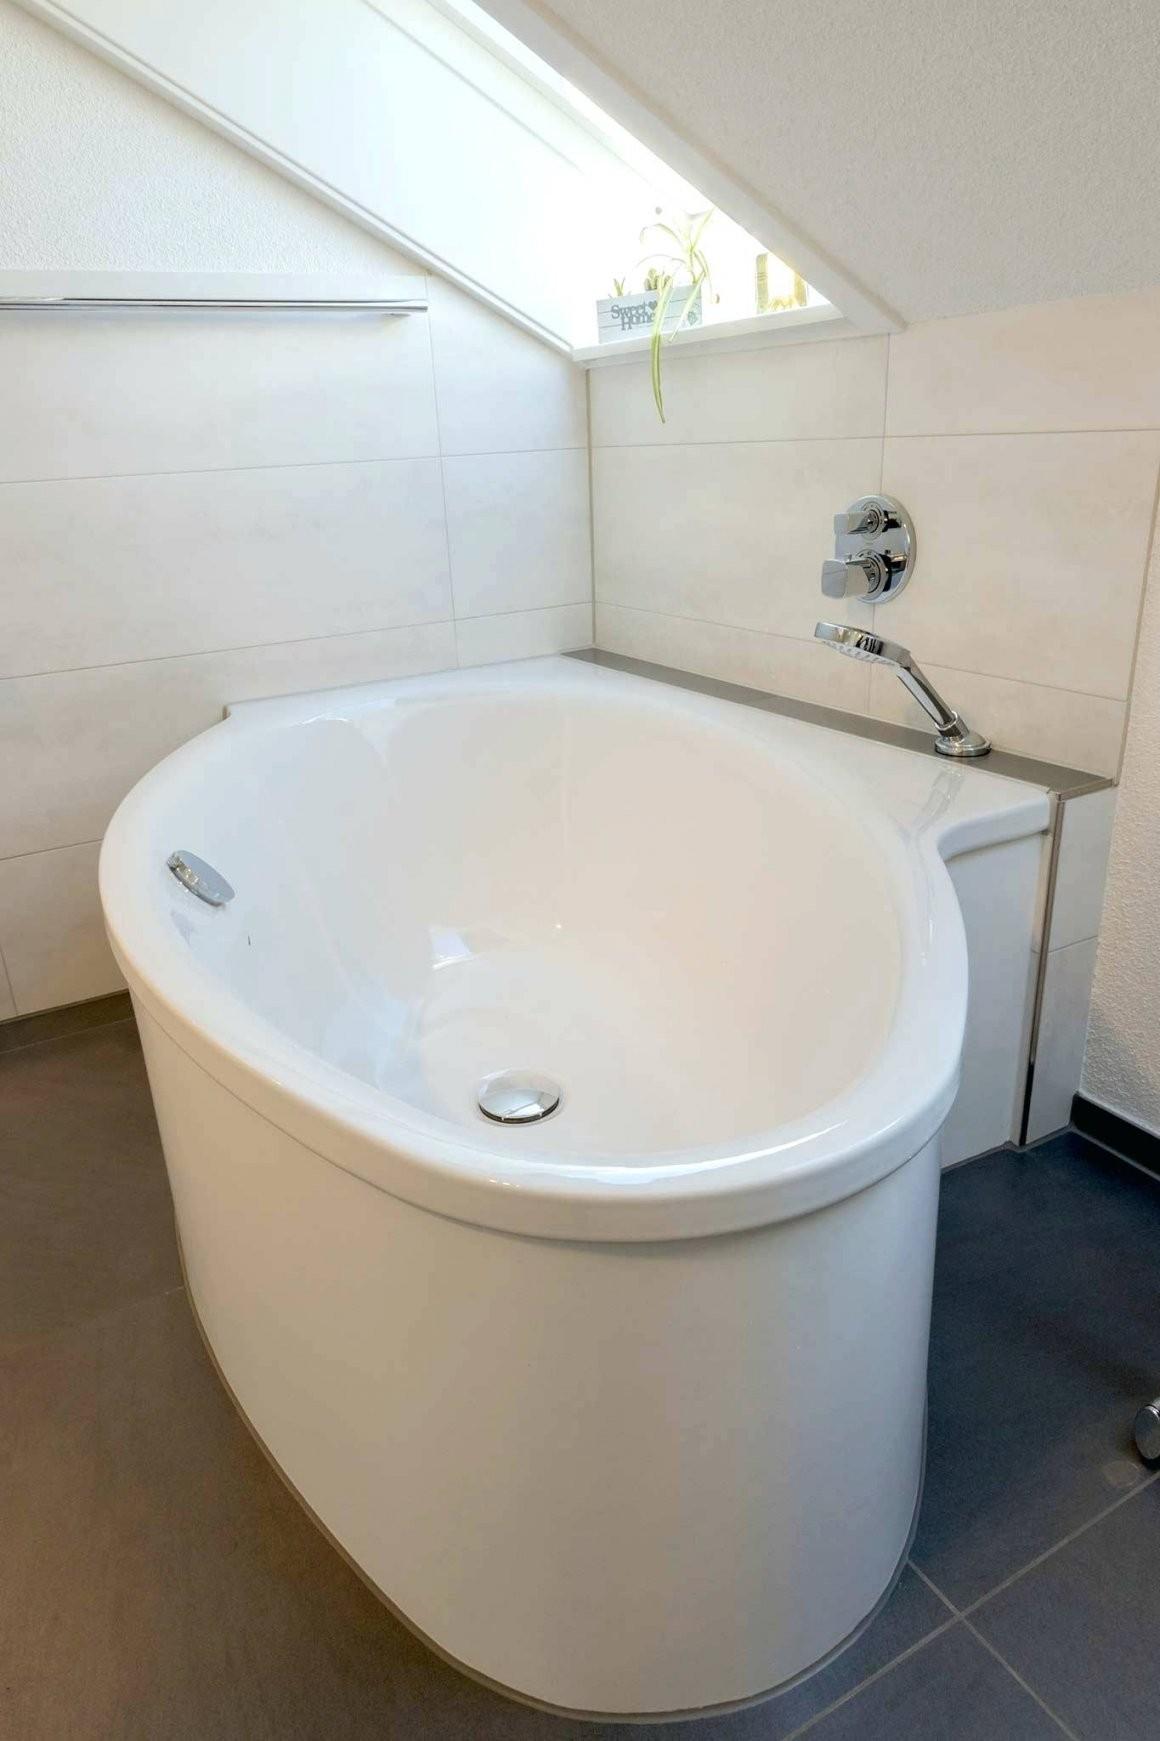 Freistehende Badewanne Freistehende Badewanne Mit Wandanschluss von Freistehende Badewanne Gebraucht Photo